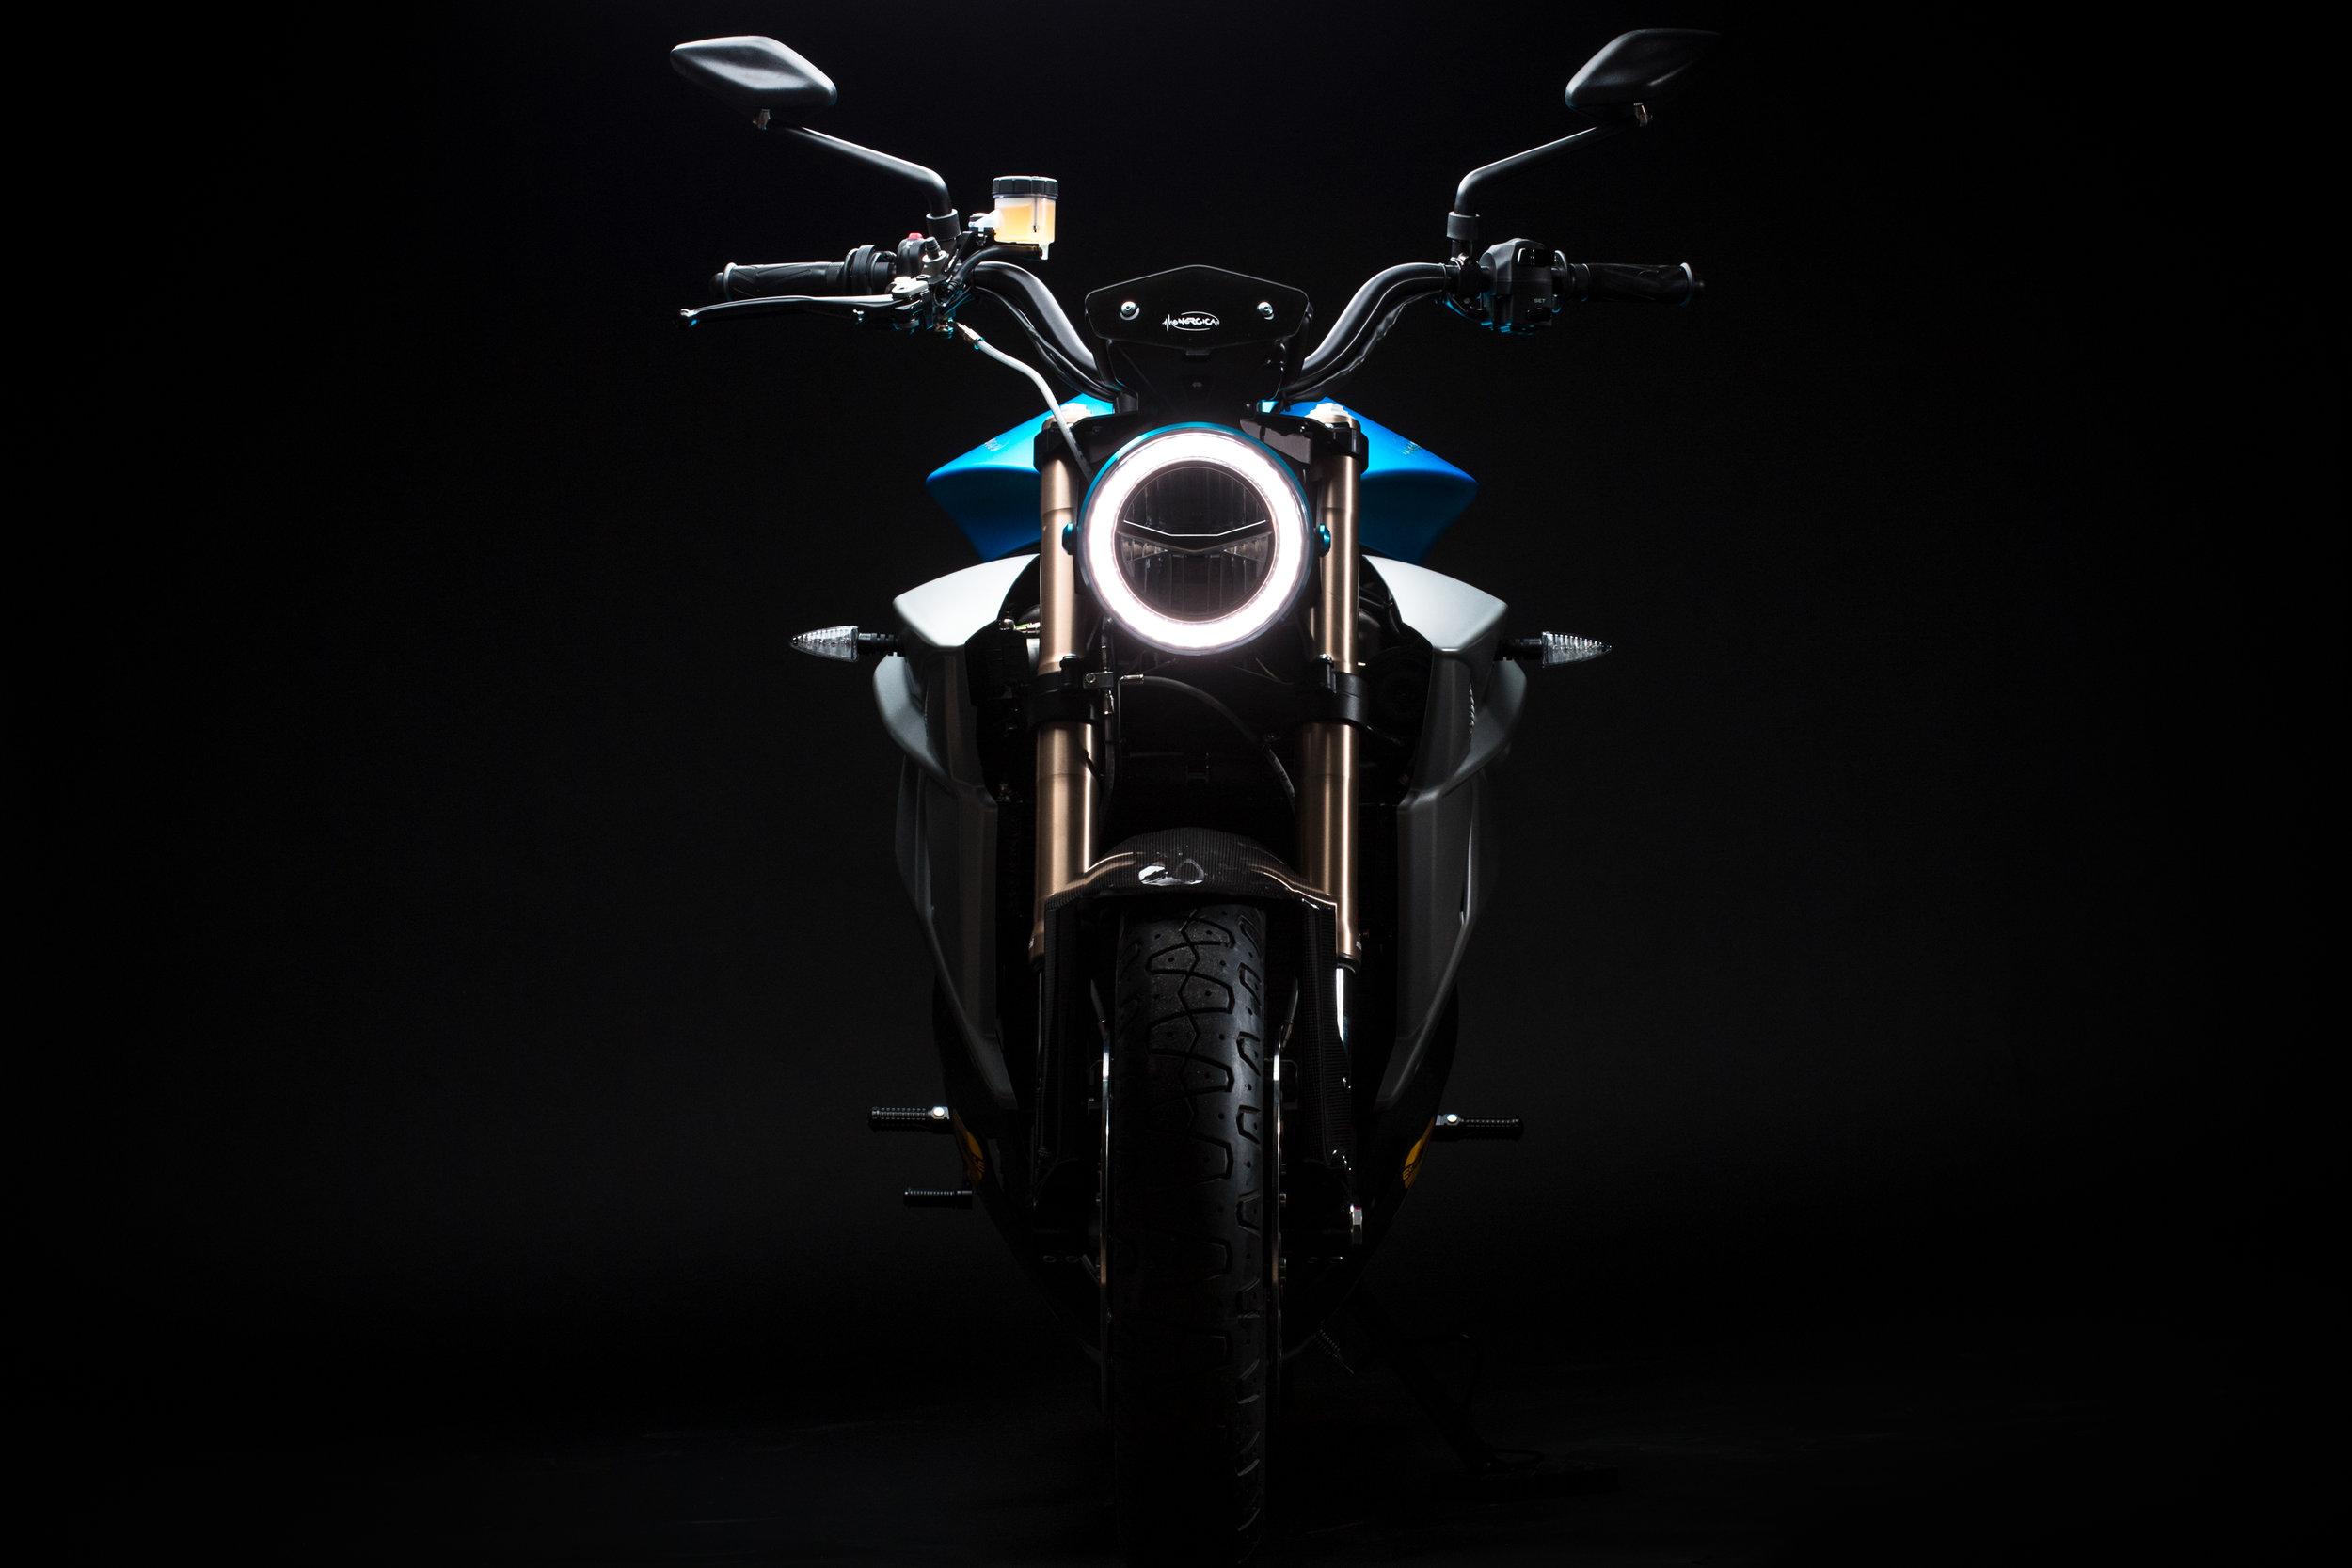 Energica-Eva-EsseEsse9-Shocking-Blue-credit-Luciano-Consolini-1.jpg